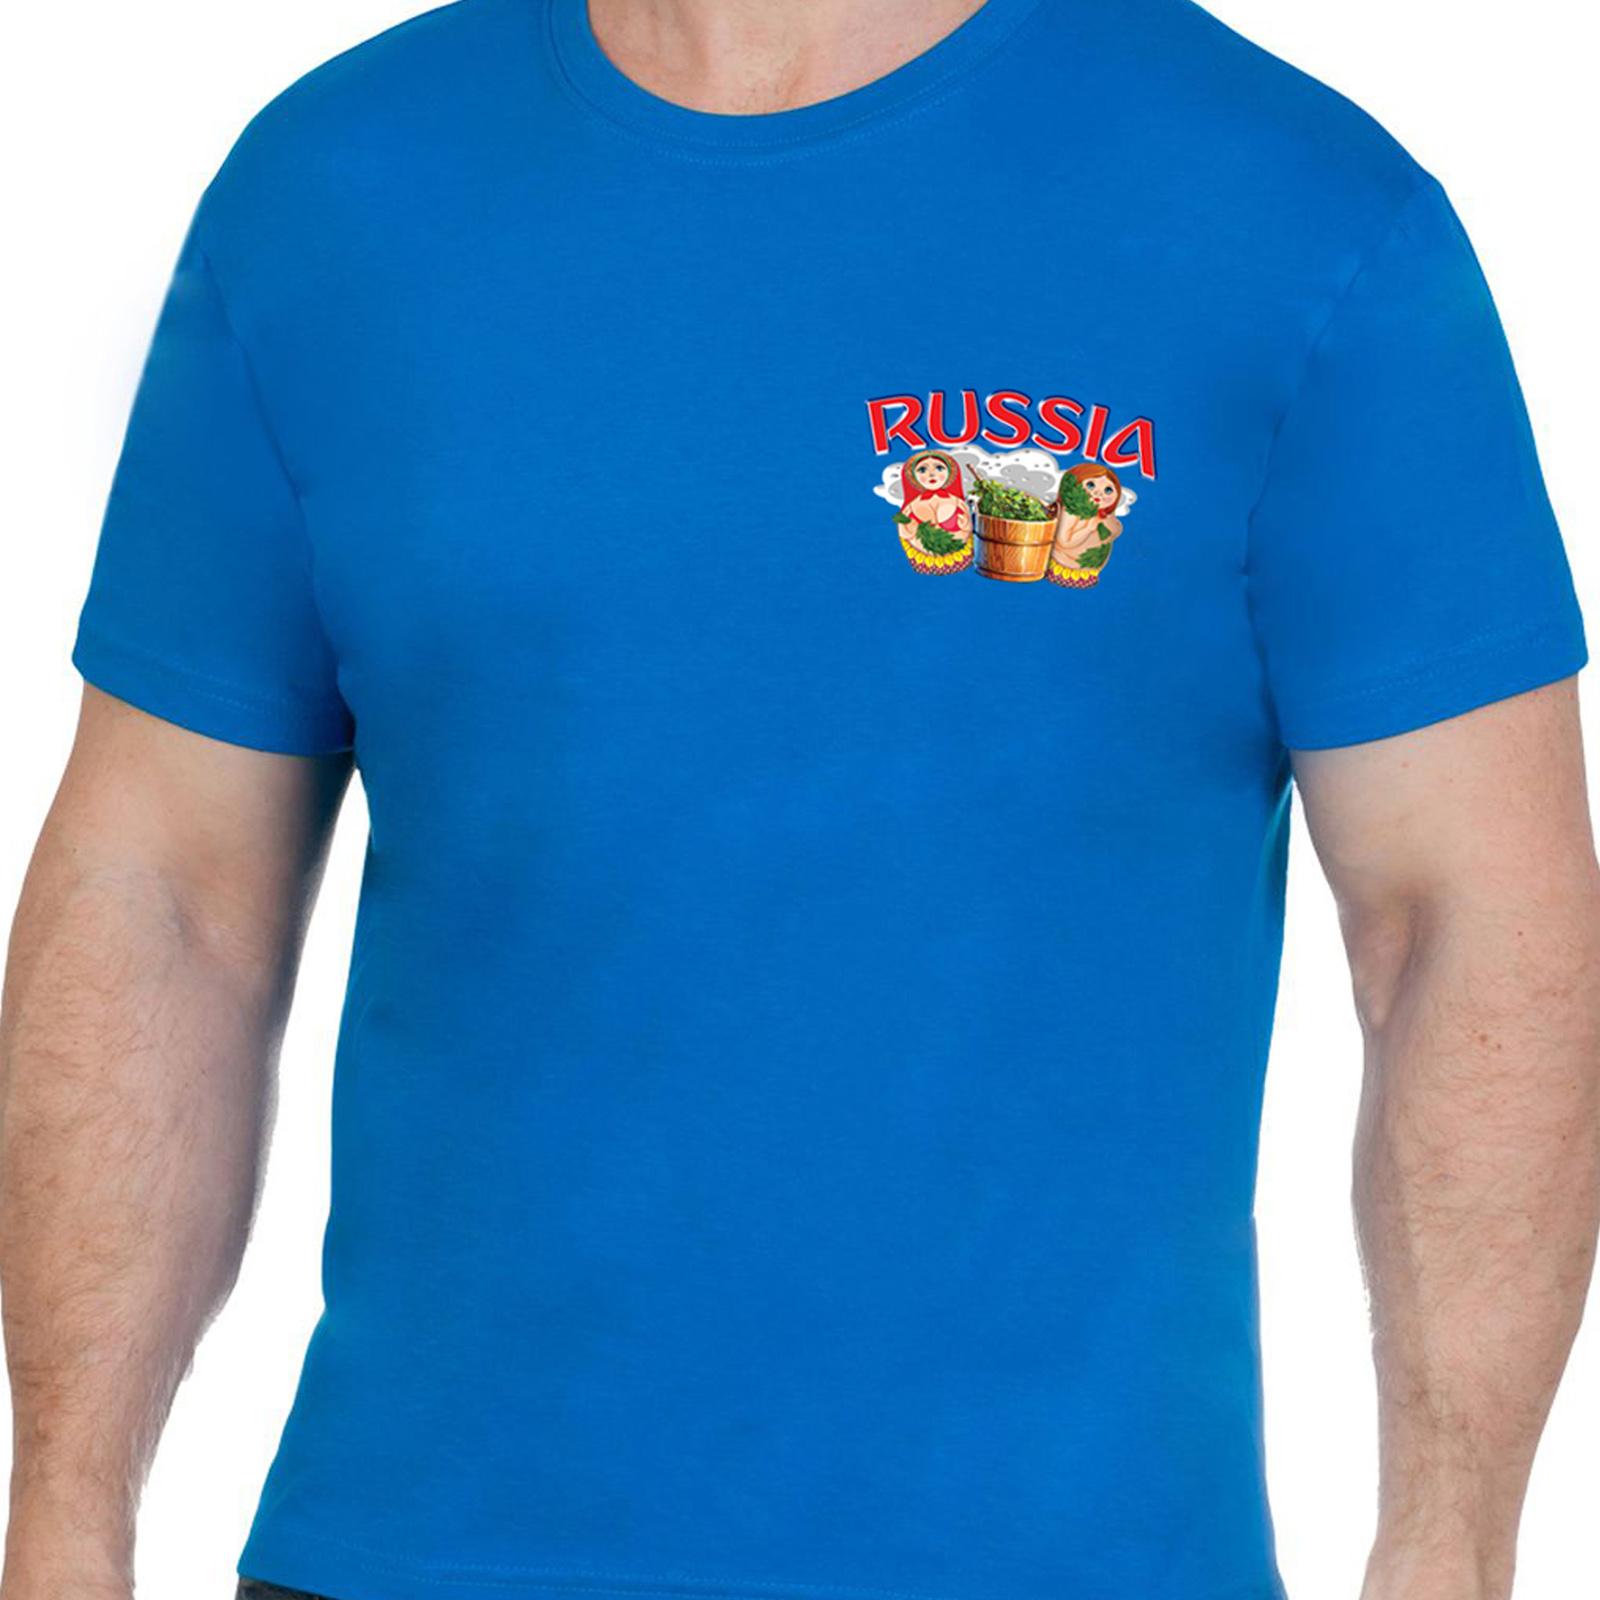 Надежная хлопковая футболка Россия